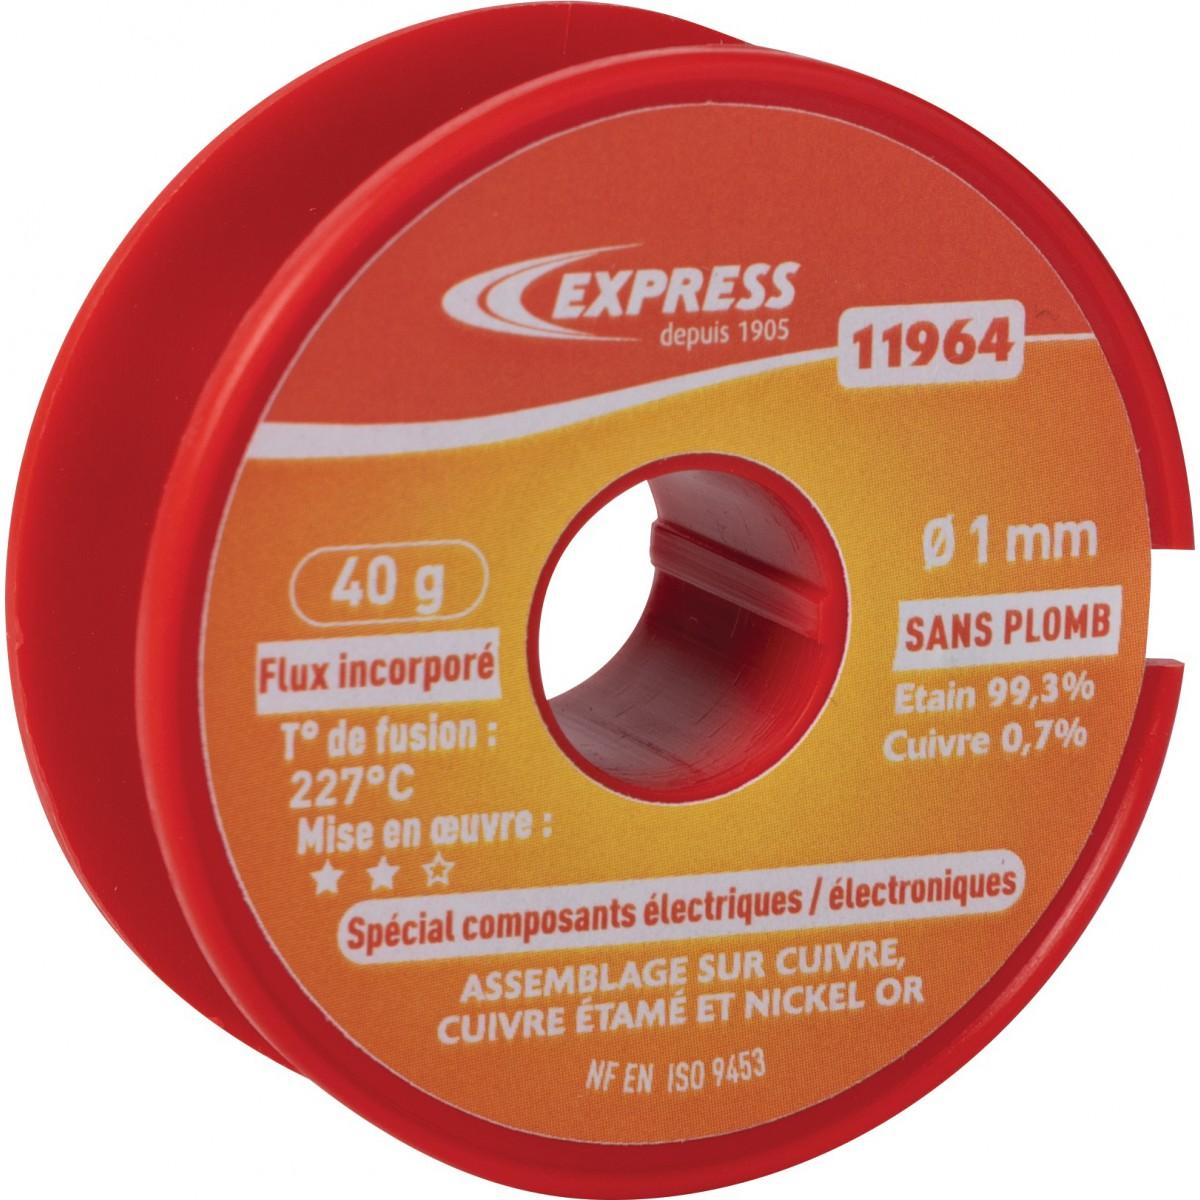 Soudure étain bobine Express - Spécial composants électriques - 40 g